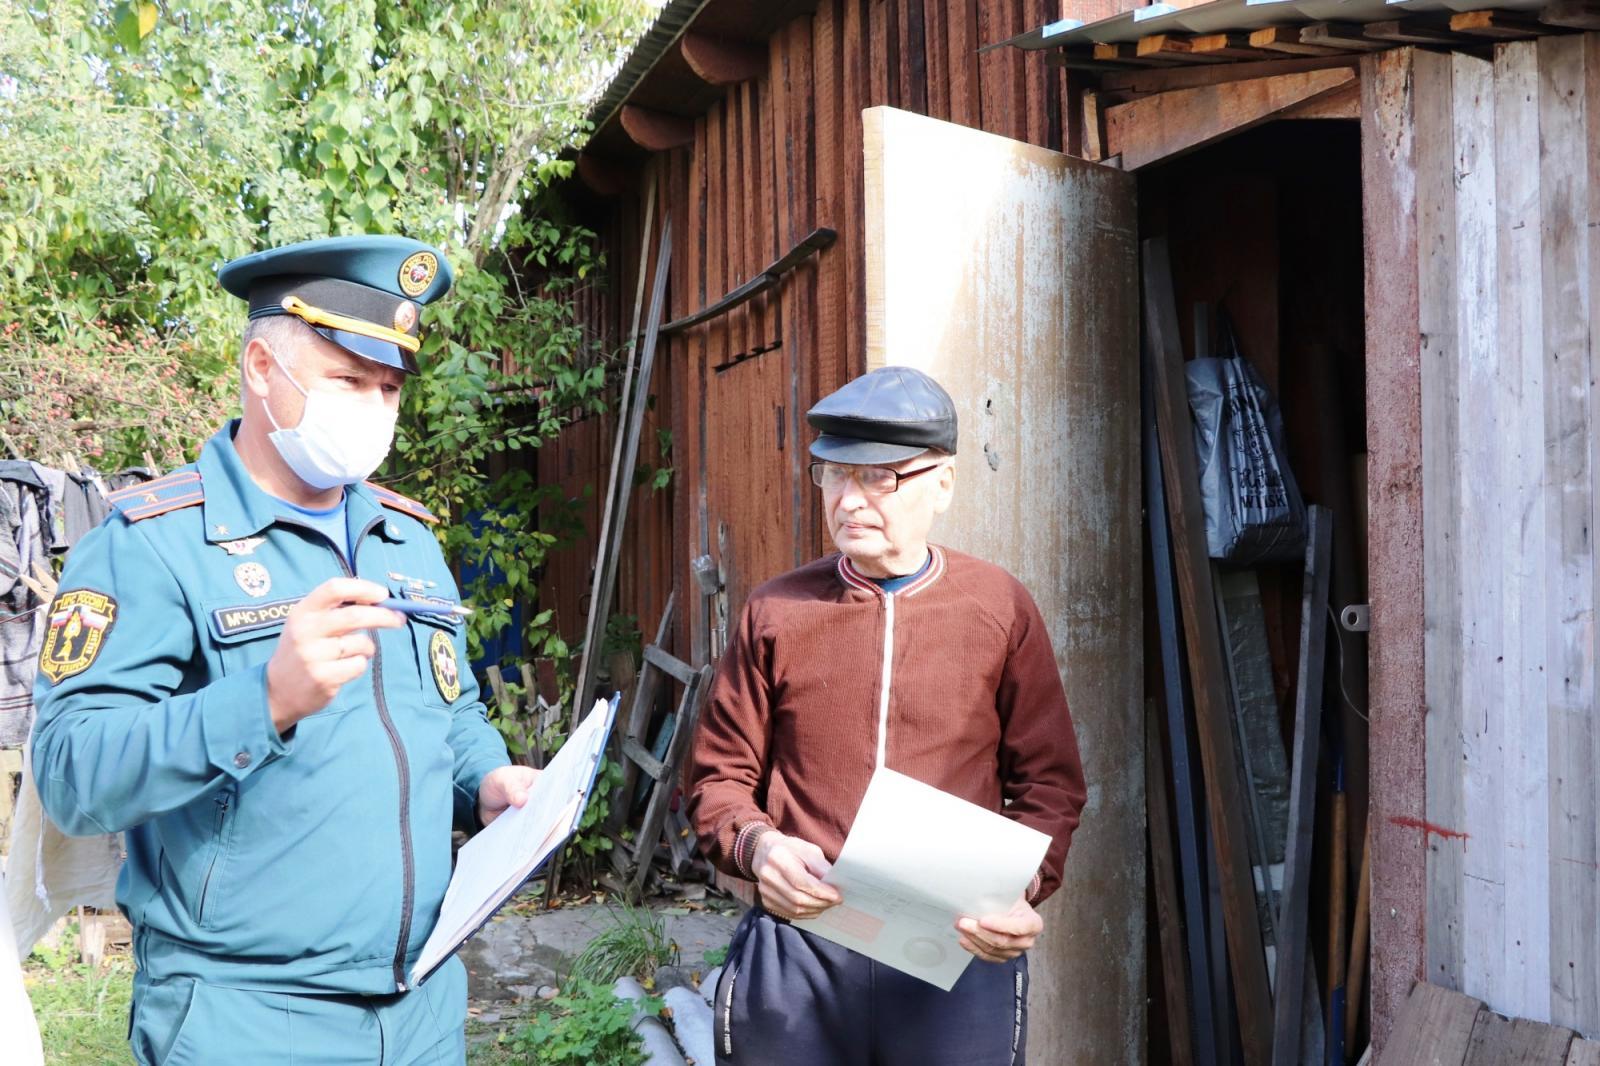 Сотрудники брянского МЧС провели профилактический рейд в Фокинском районе